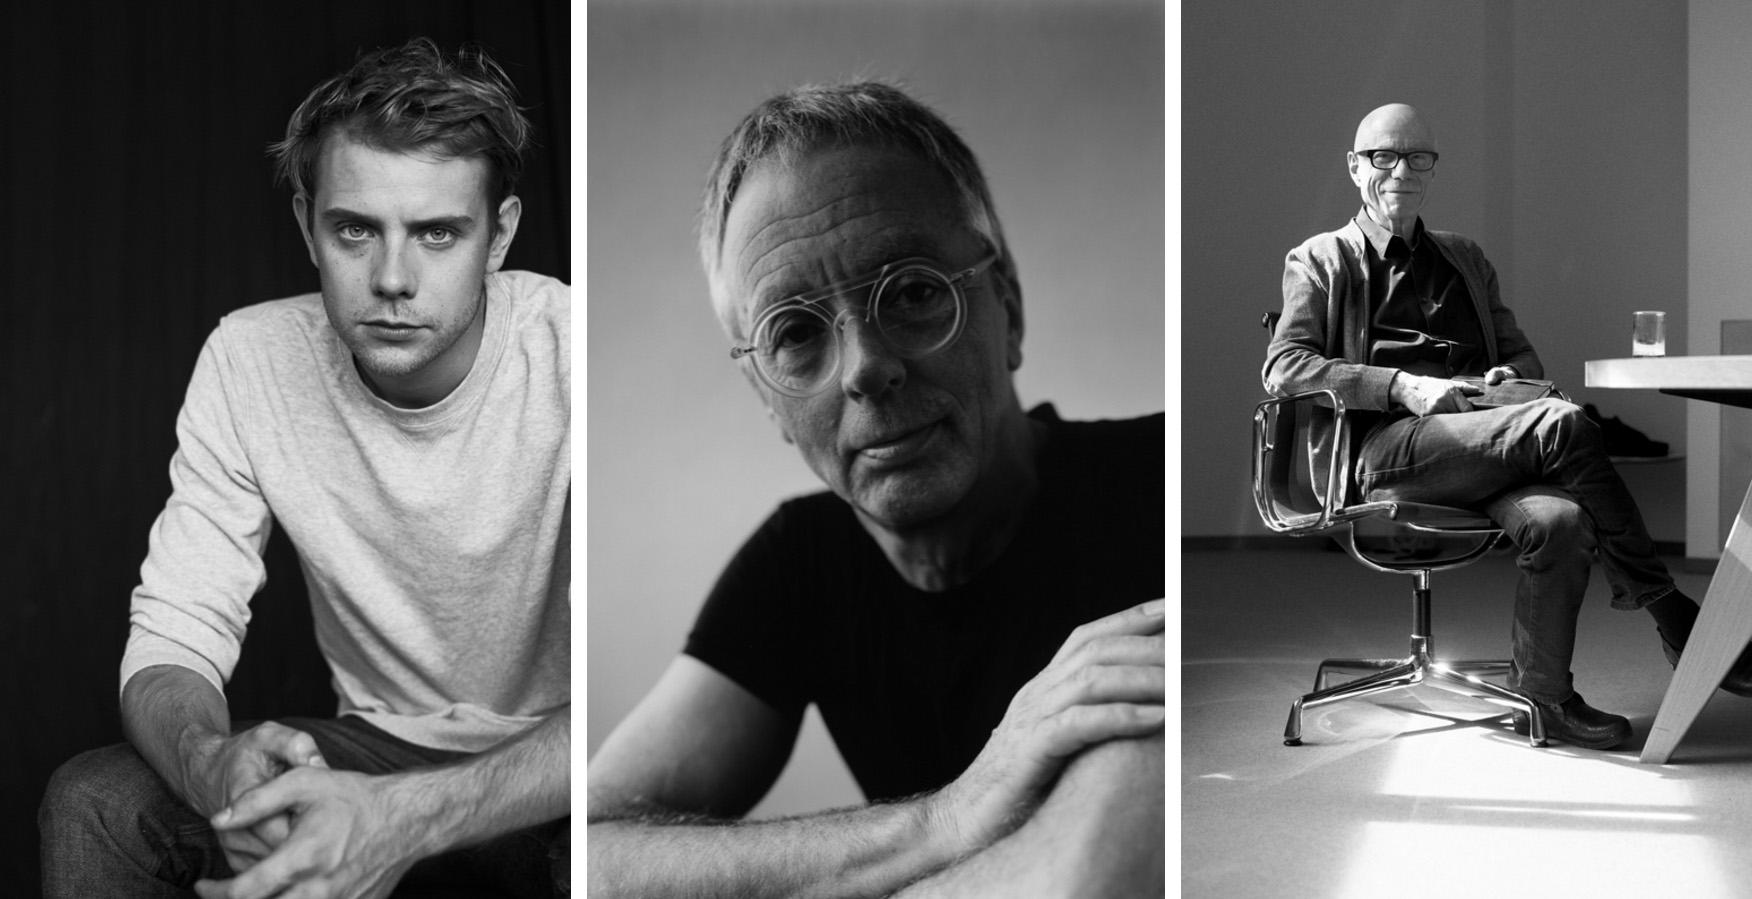 Los jurados: Jonathan Anderson, director creativo de Loewe, Gijs Bakker, artista y joyero y Rolf Fehlbaum de Vitra.